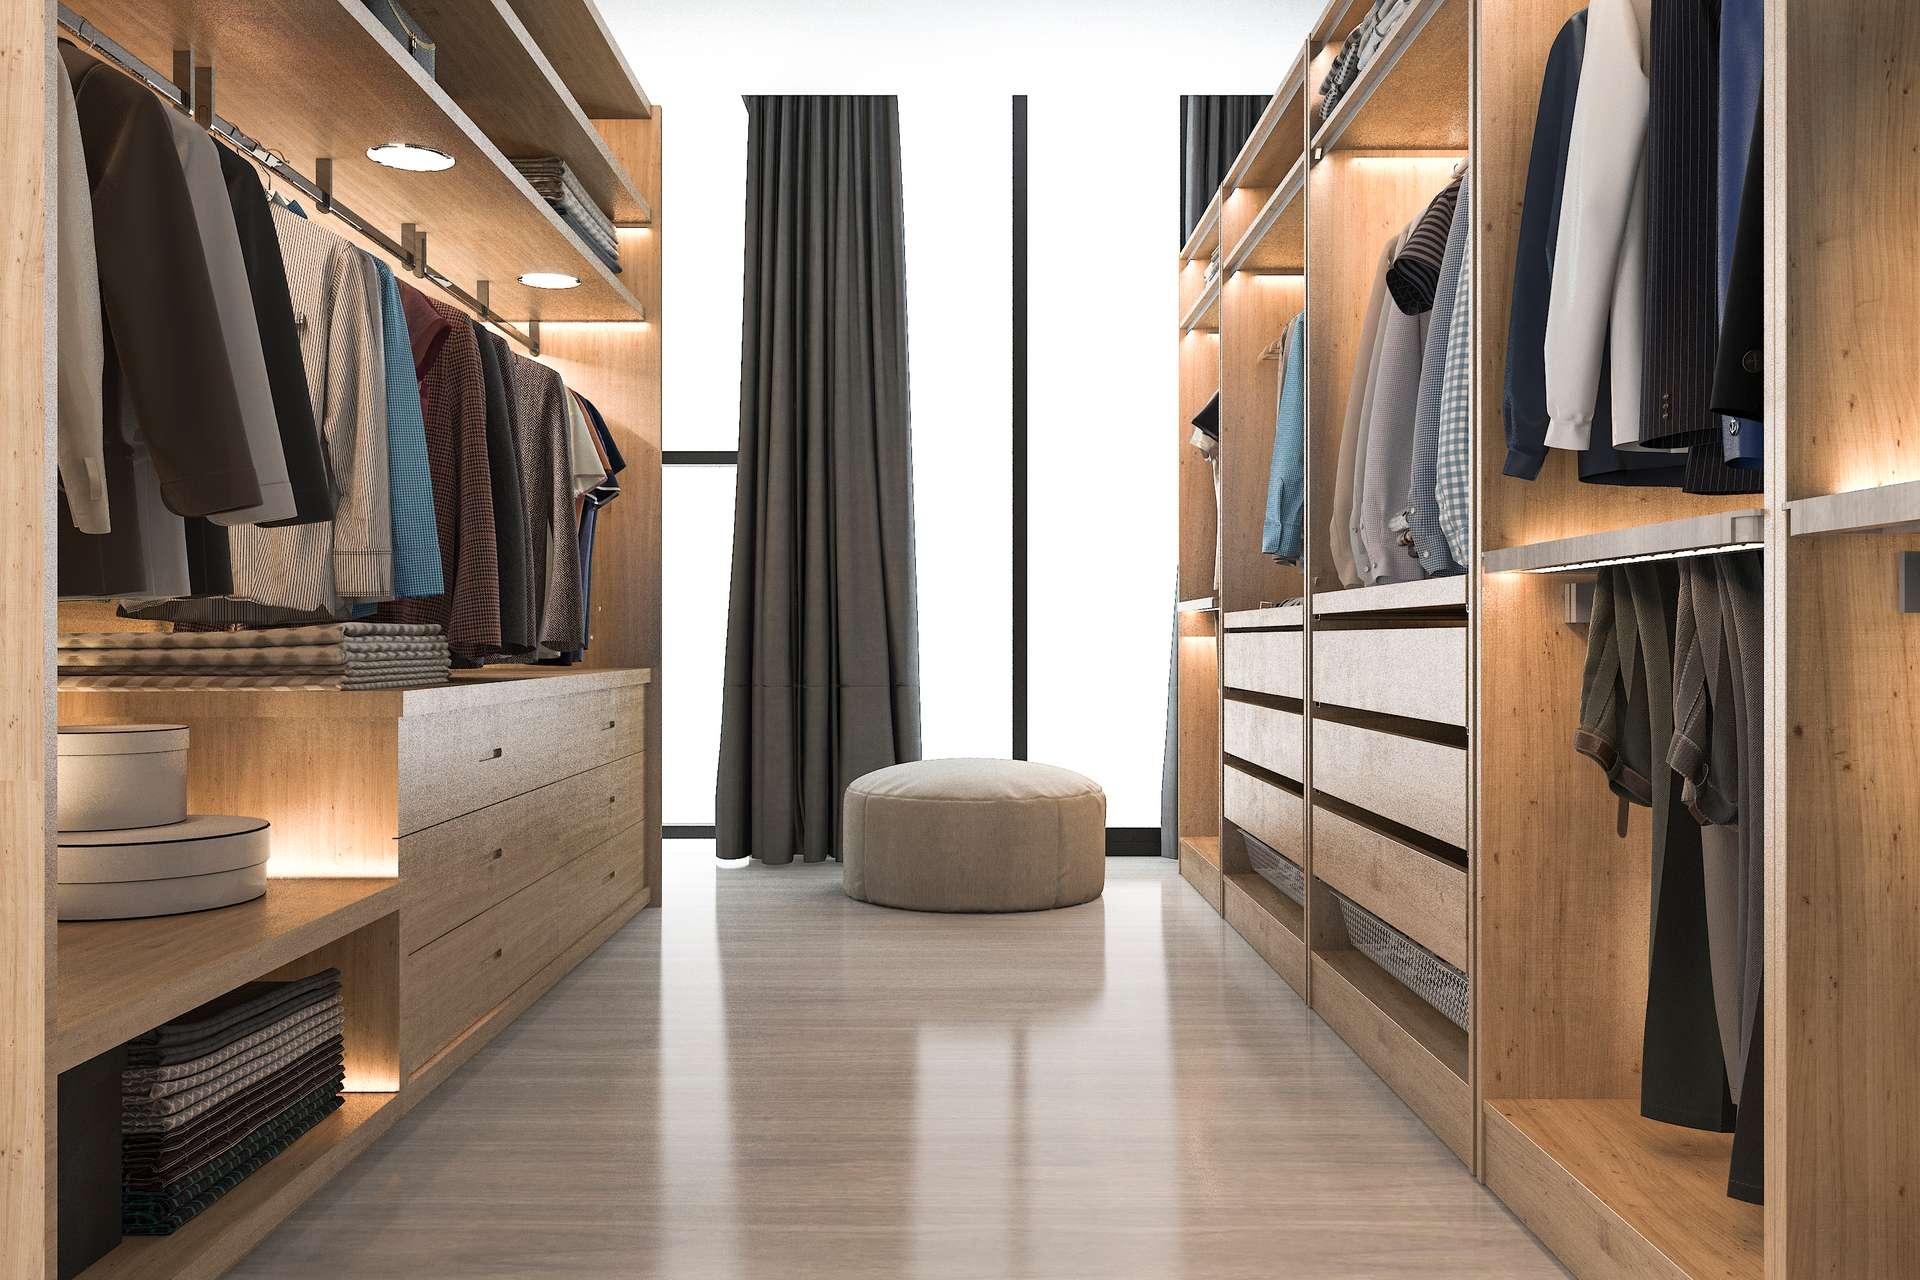 Begehbarer Kleiderschrank Diy Ankleidezimmer Selbst Bauen